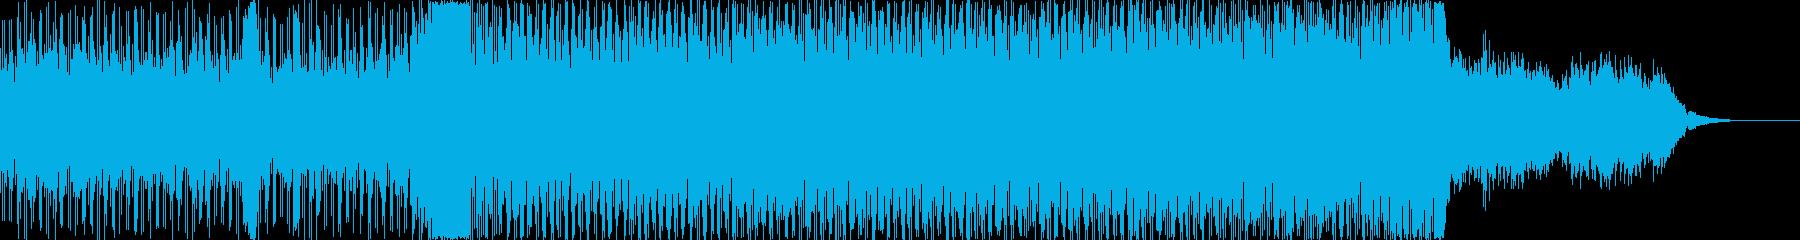 エレクトロニカの再生済みの波形